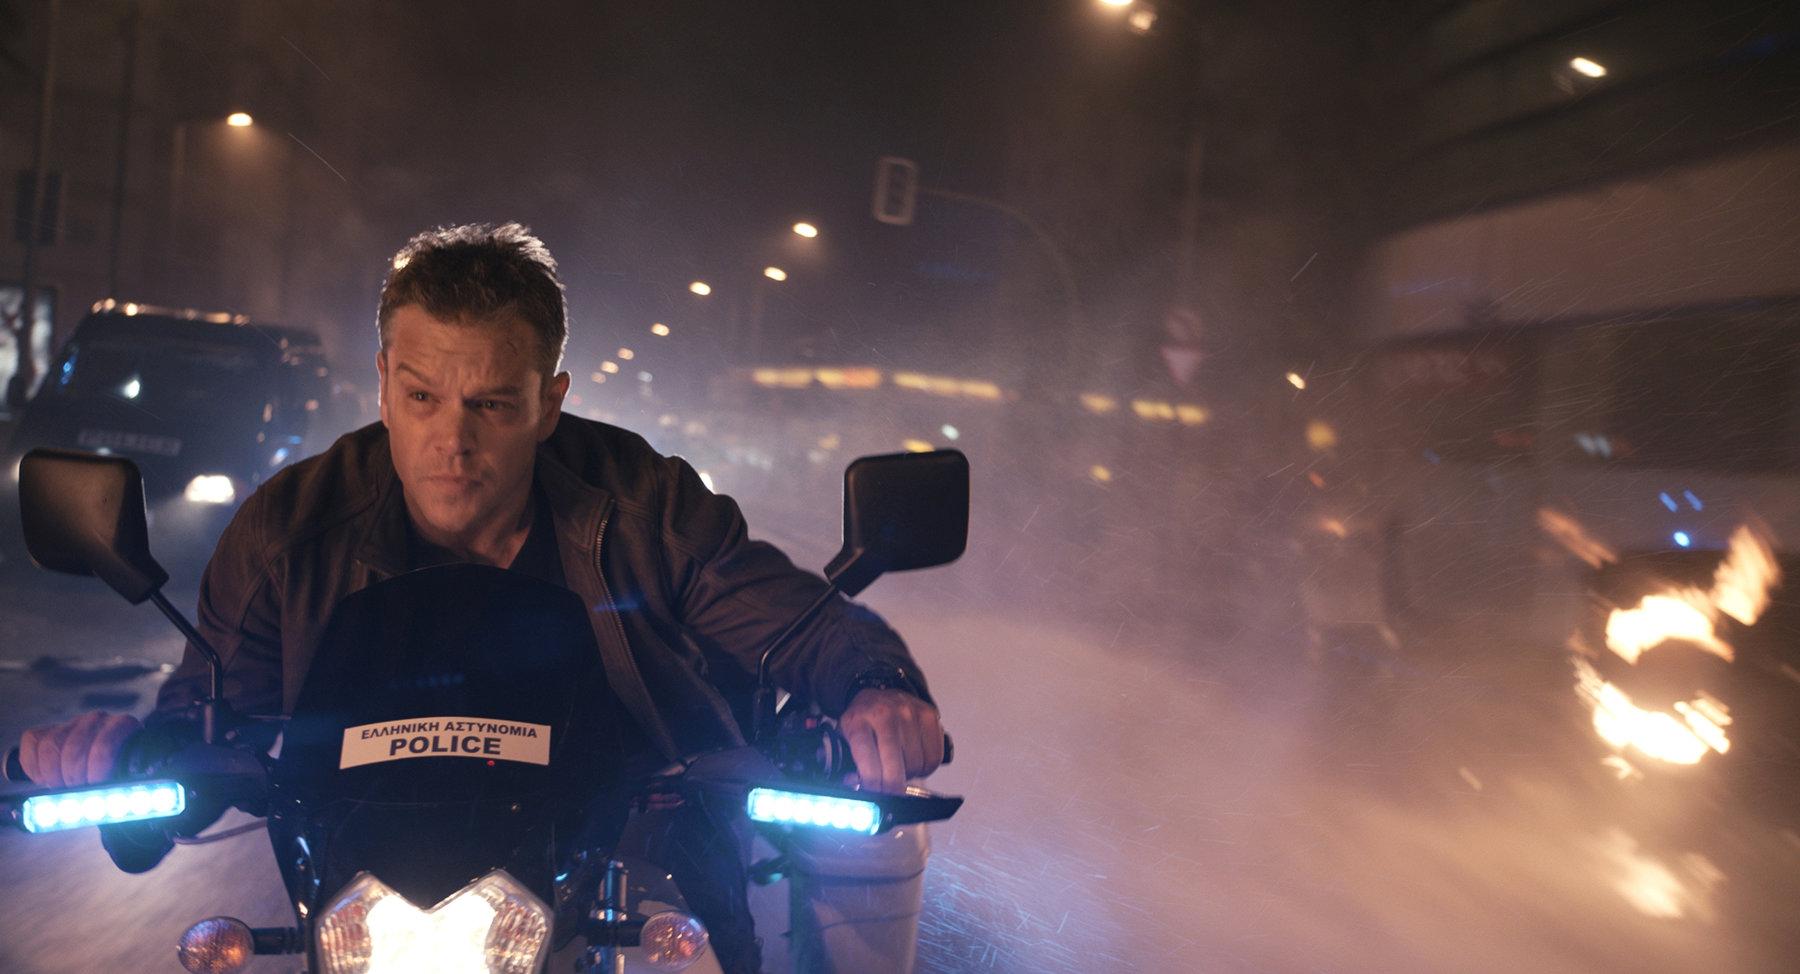 Recenzje Jasona Bourne'a. Czy jest to dobry film?